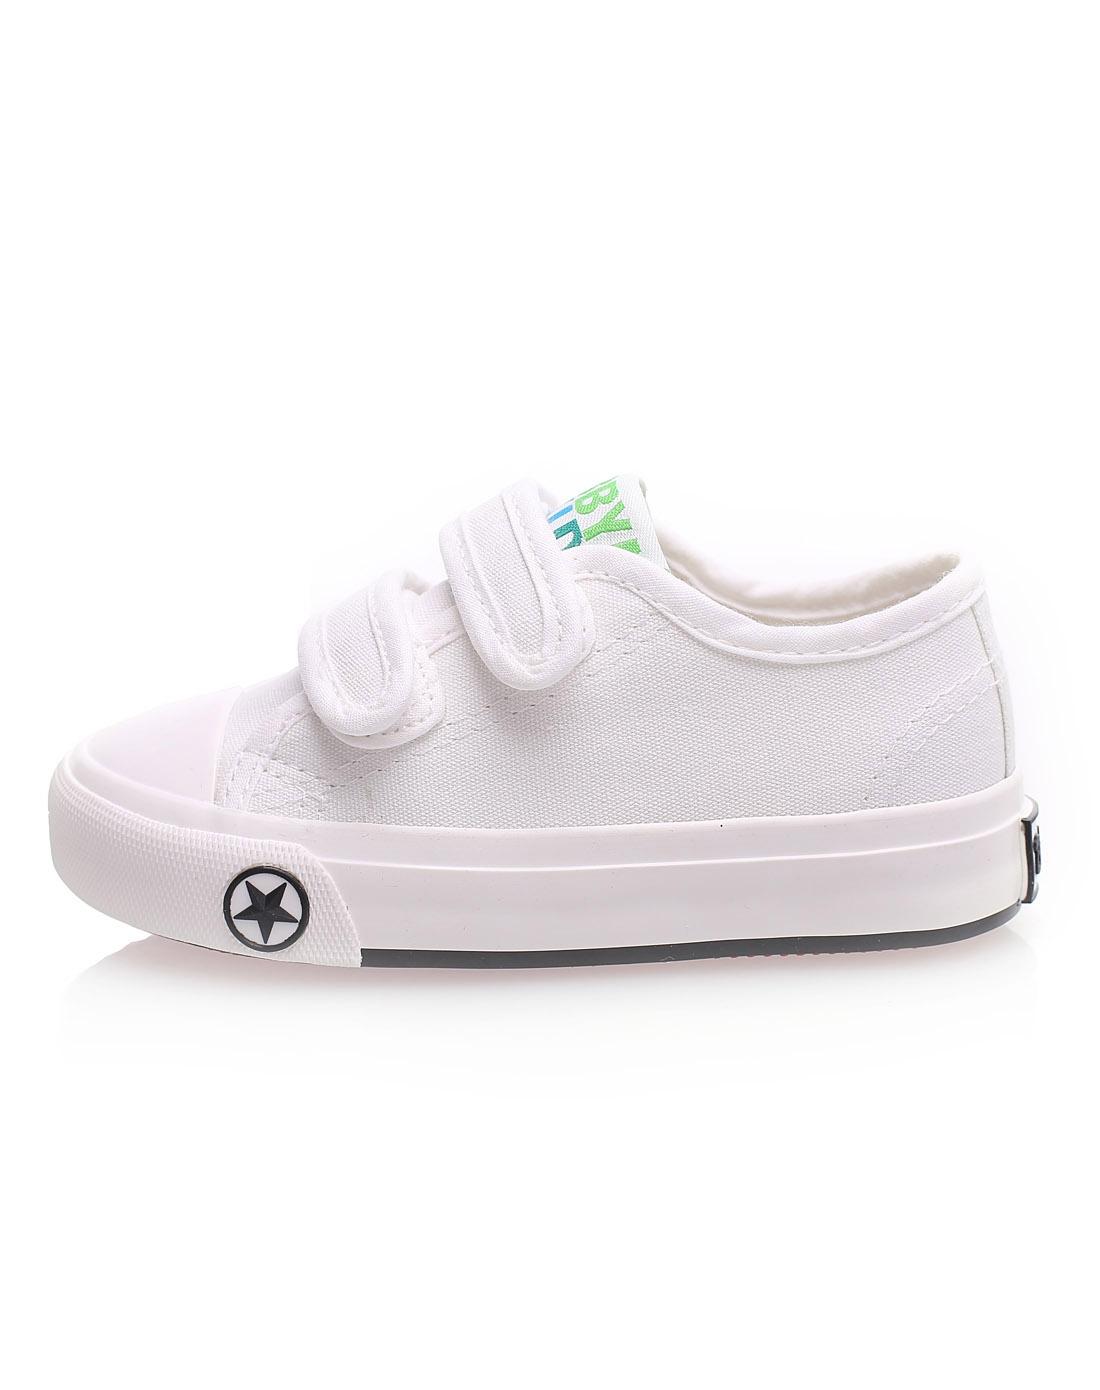 芭芭鸭 中性儿童白色五角星魔术贴帆布鞋